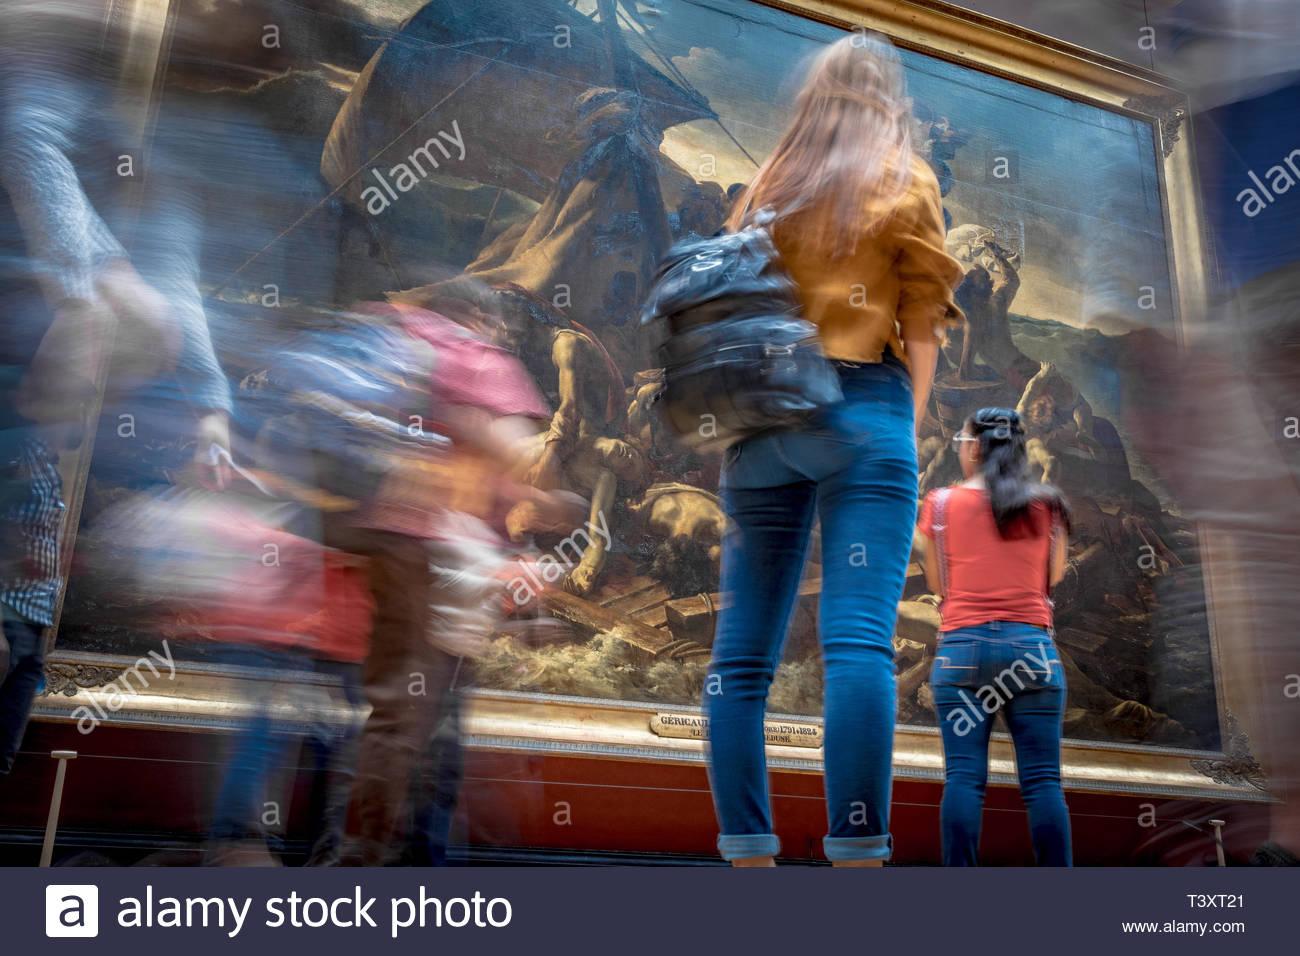 The Raft of the Medusa (Théodore Géricault), Louvre Museum. August 26, 2018, Paris, France. Le Radeau de La Méduse (Théodore Géricault), Musée du Louv Stock Photo